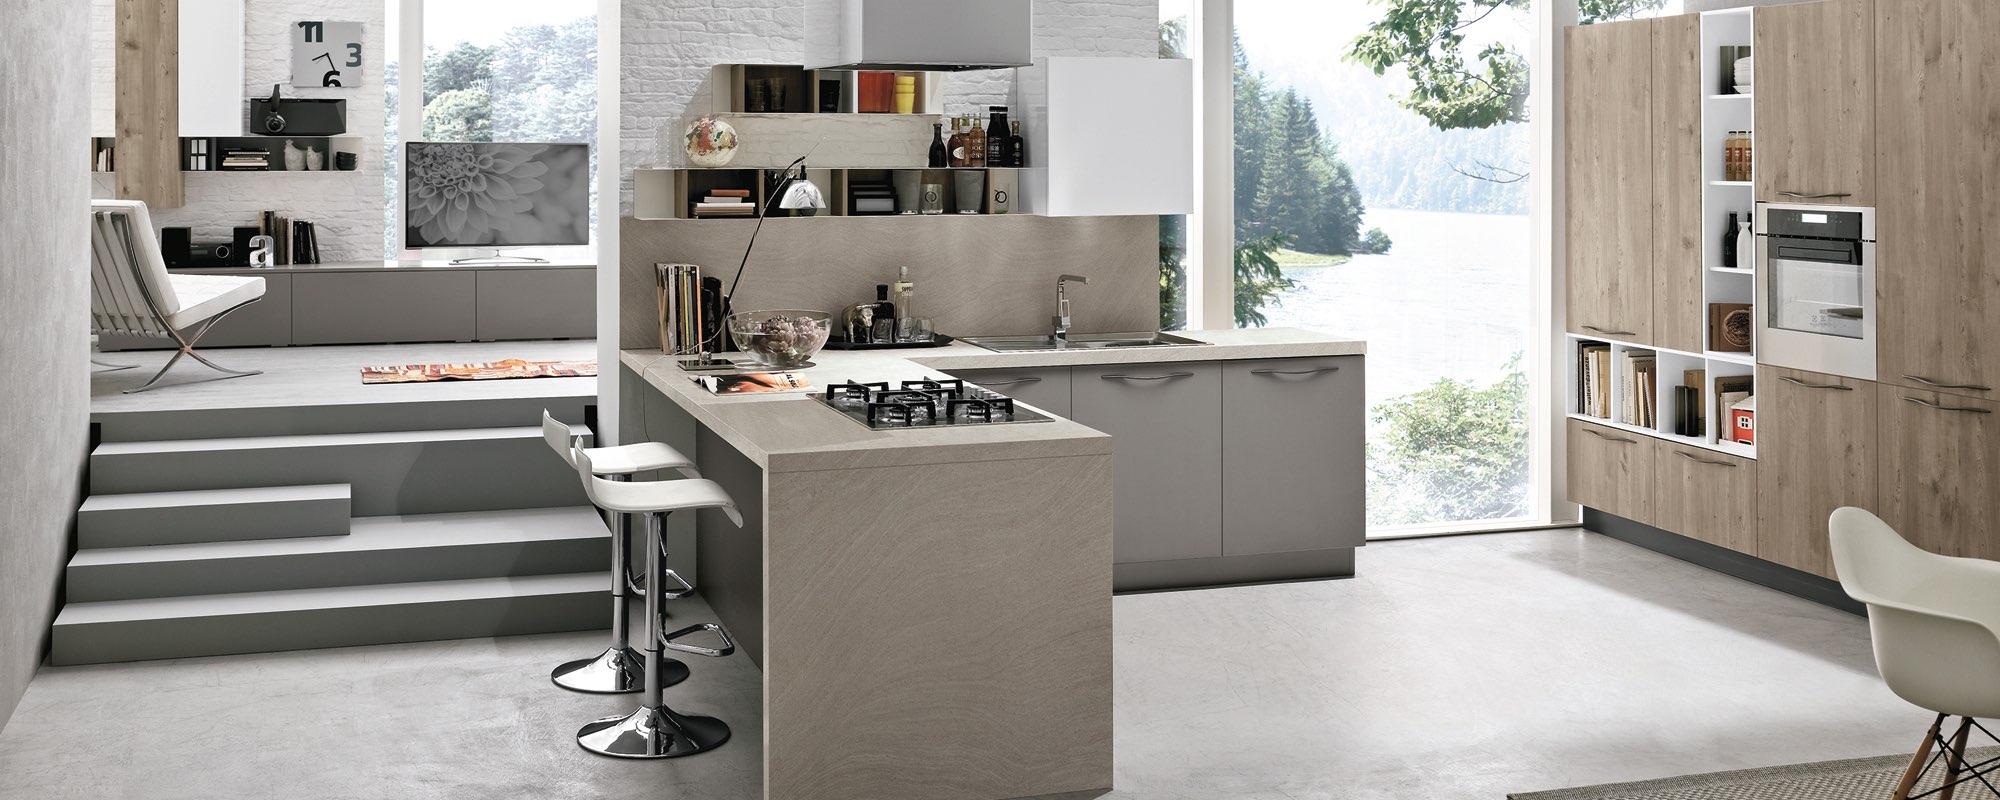 vista frontale di una cucina moderna in legno con scala interna e arredamento